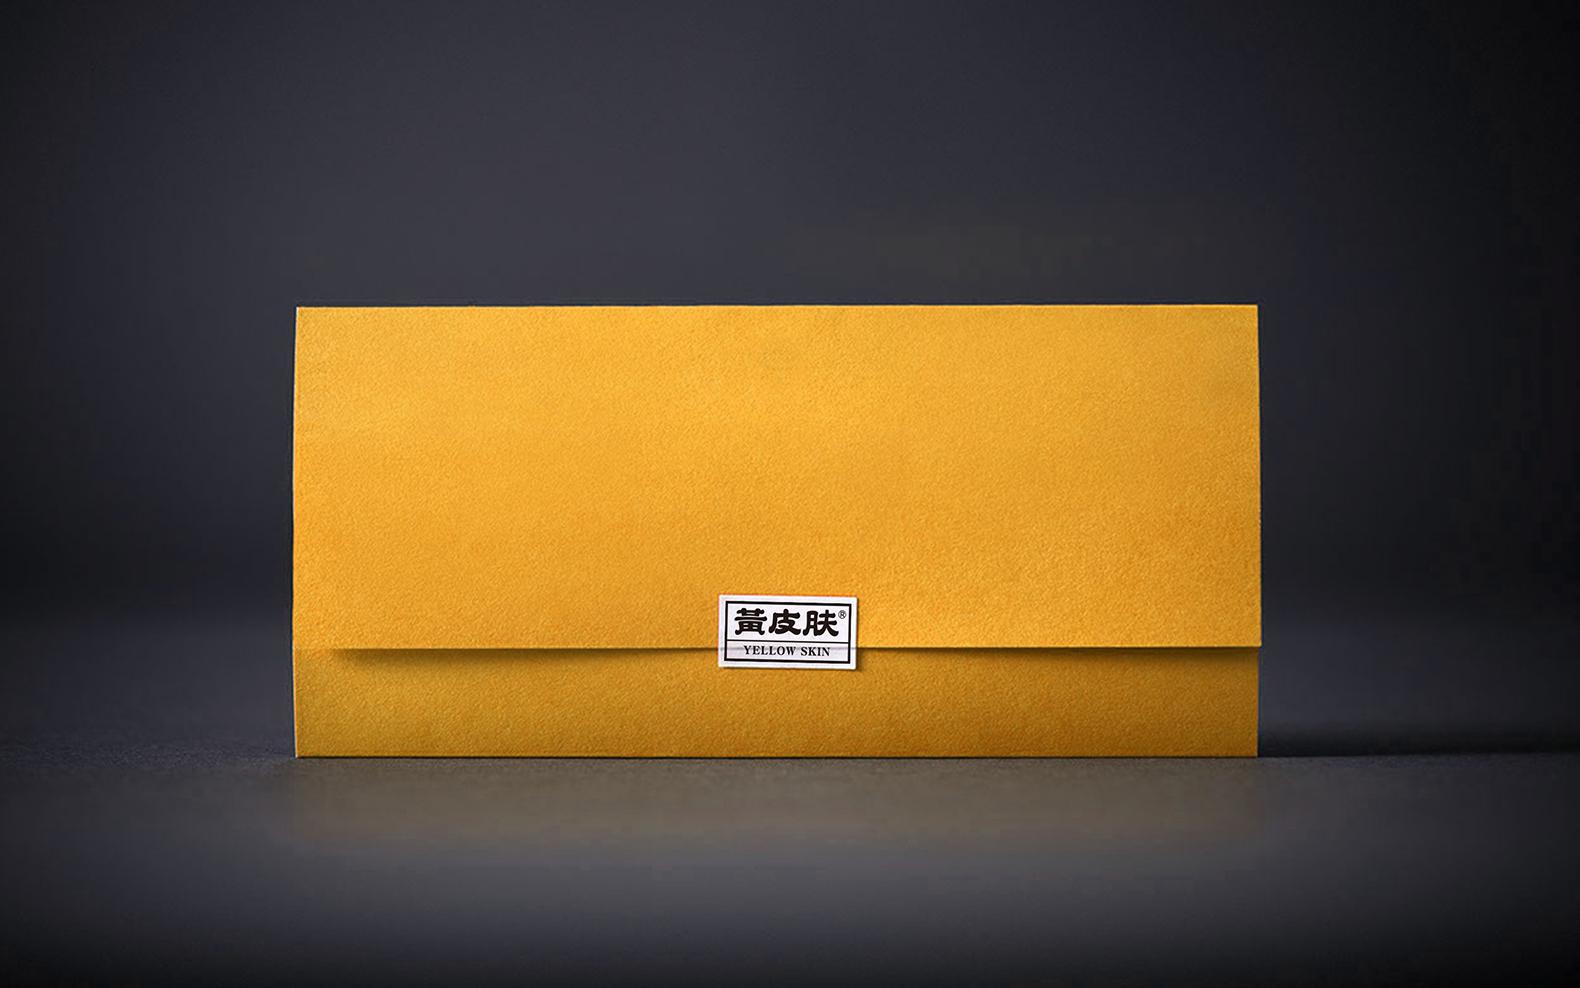 ontata_yellow skin_09